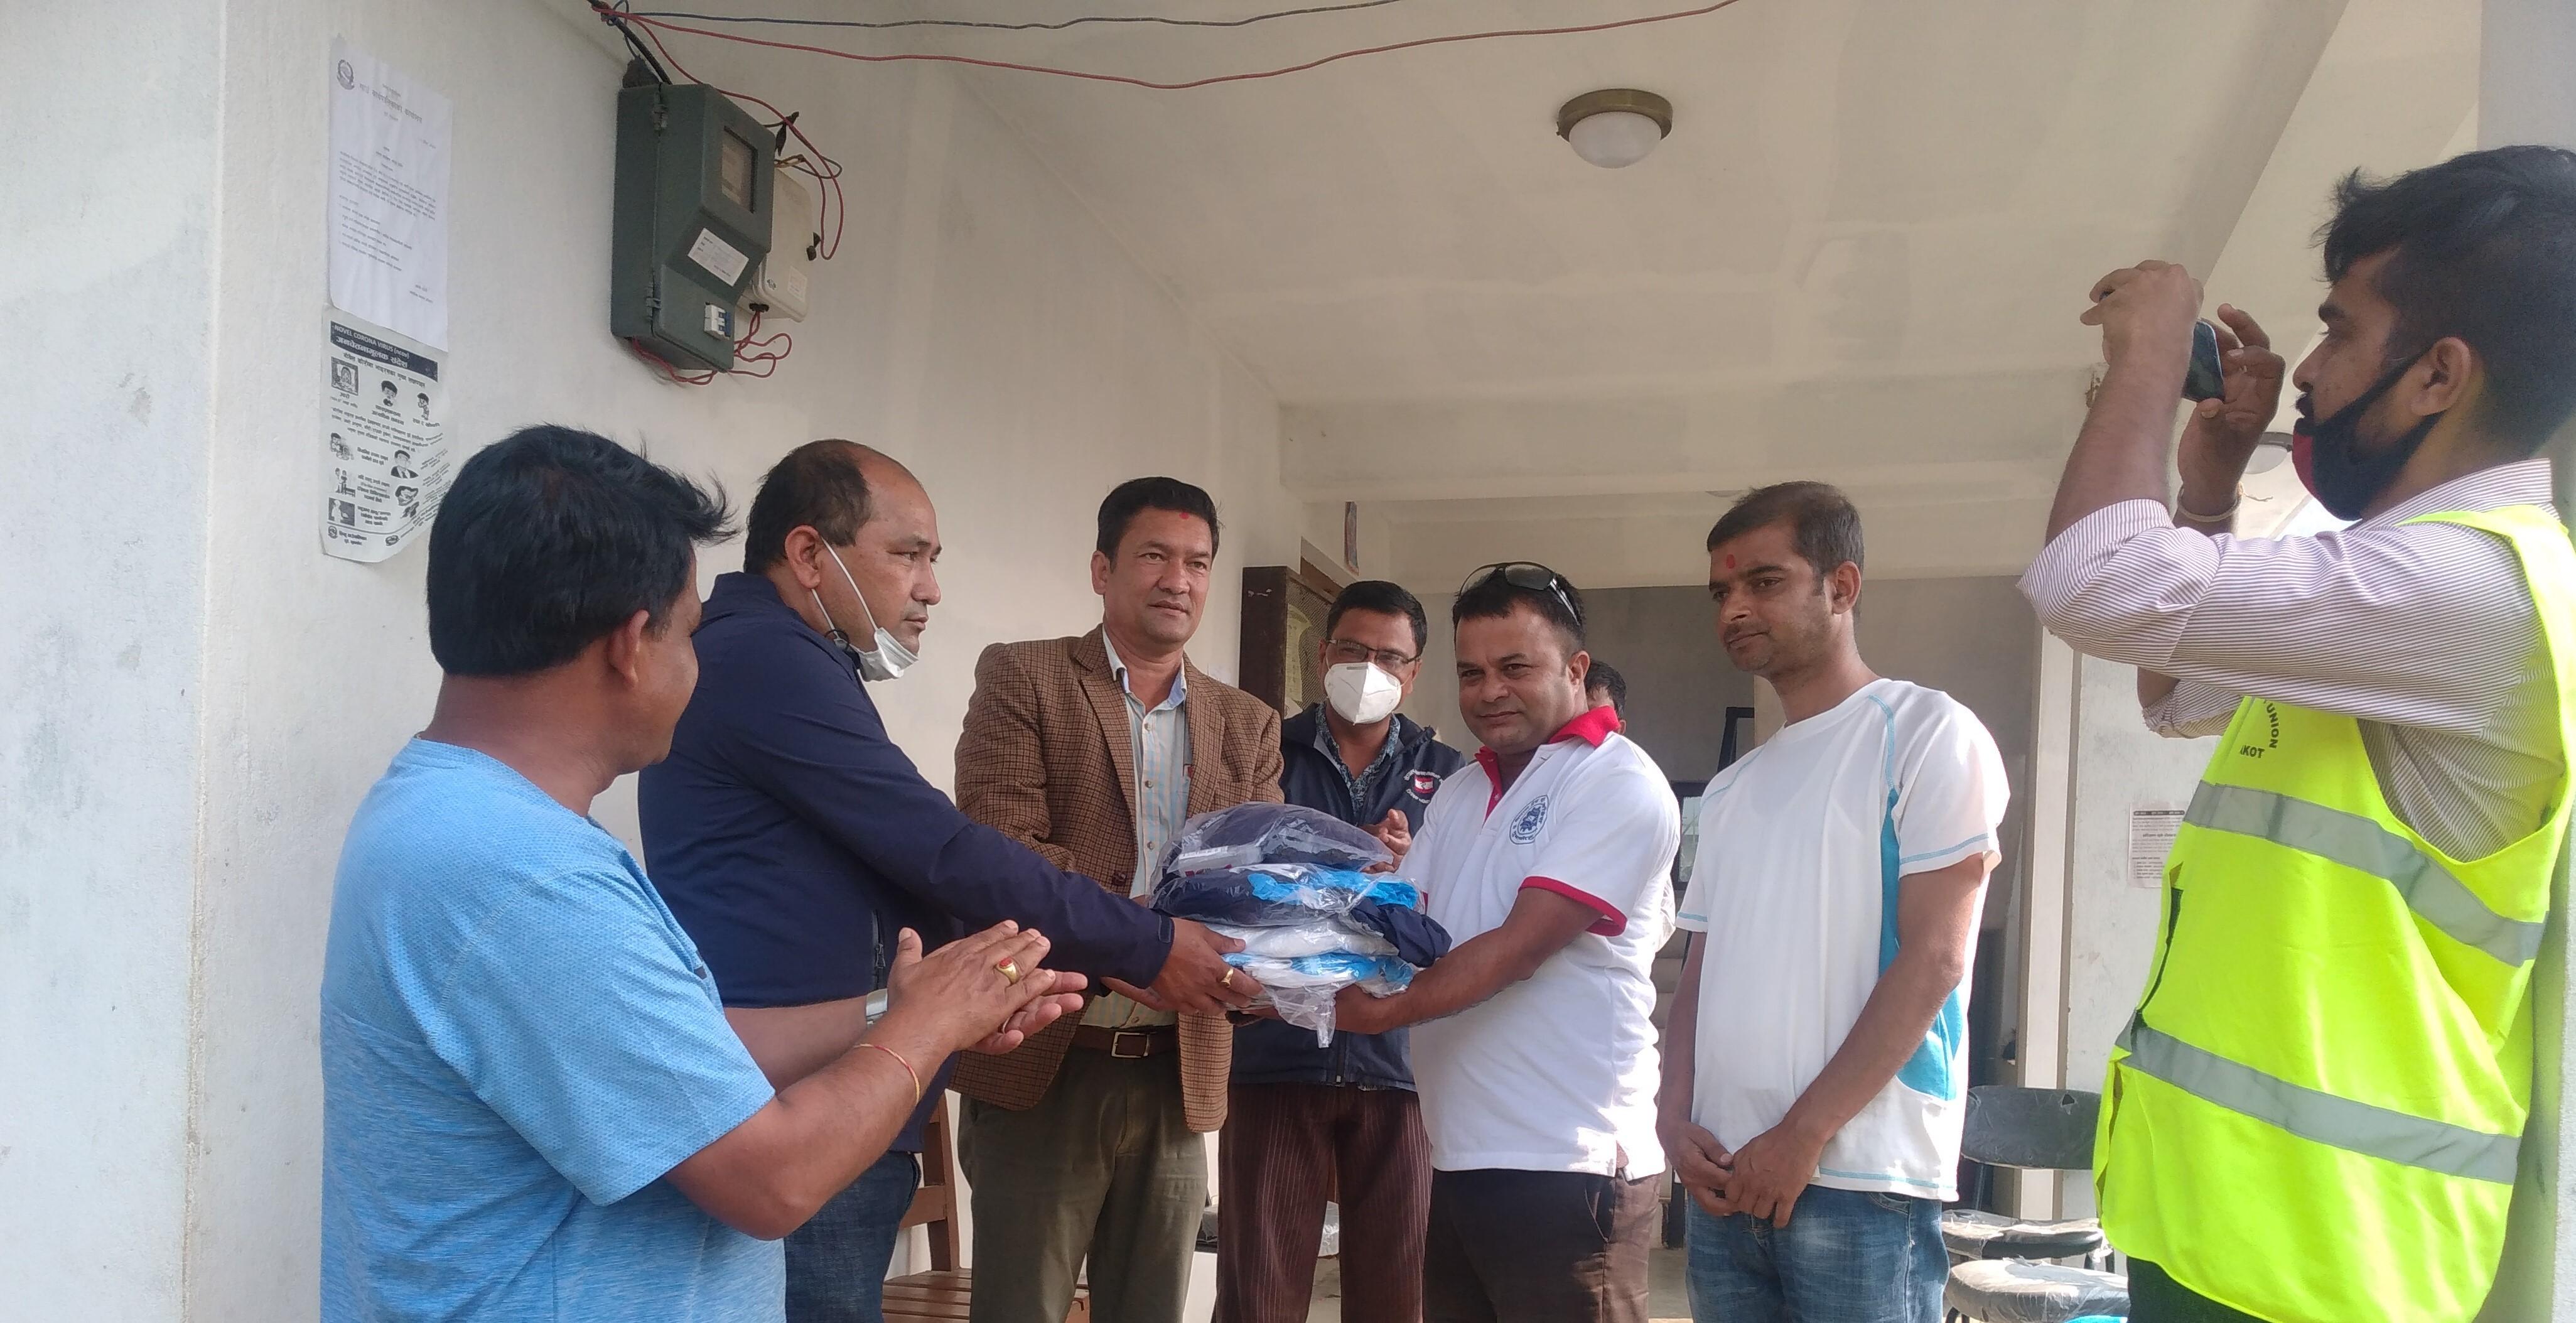 ट्रेड युनियन नुवाकोटद्वारा बेलकोटगढीका स्वास्थ्यकर्मीलाई पीपीई हस्तान्तरण